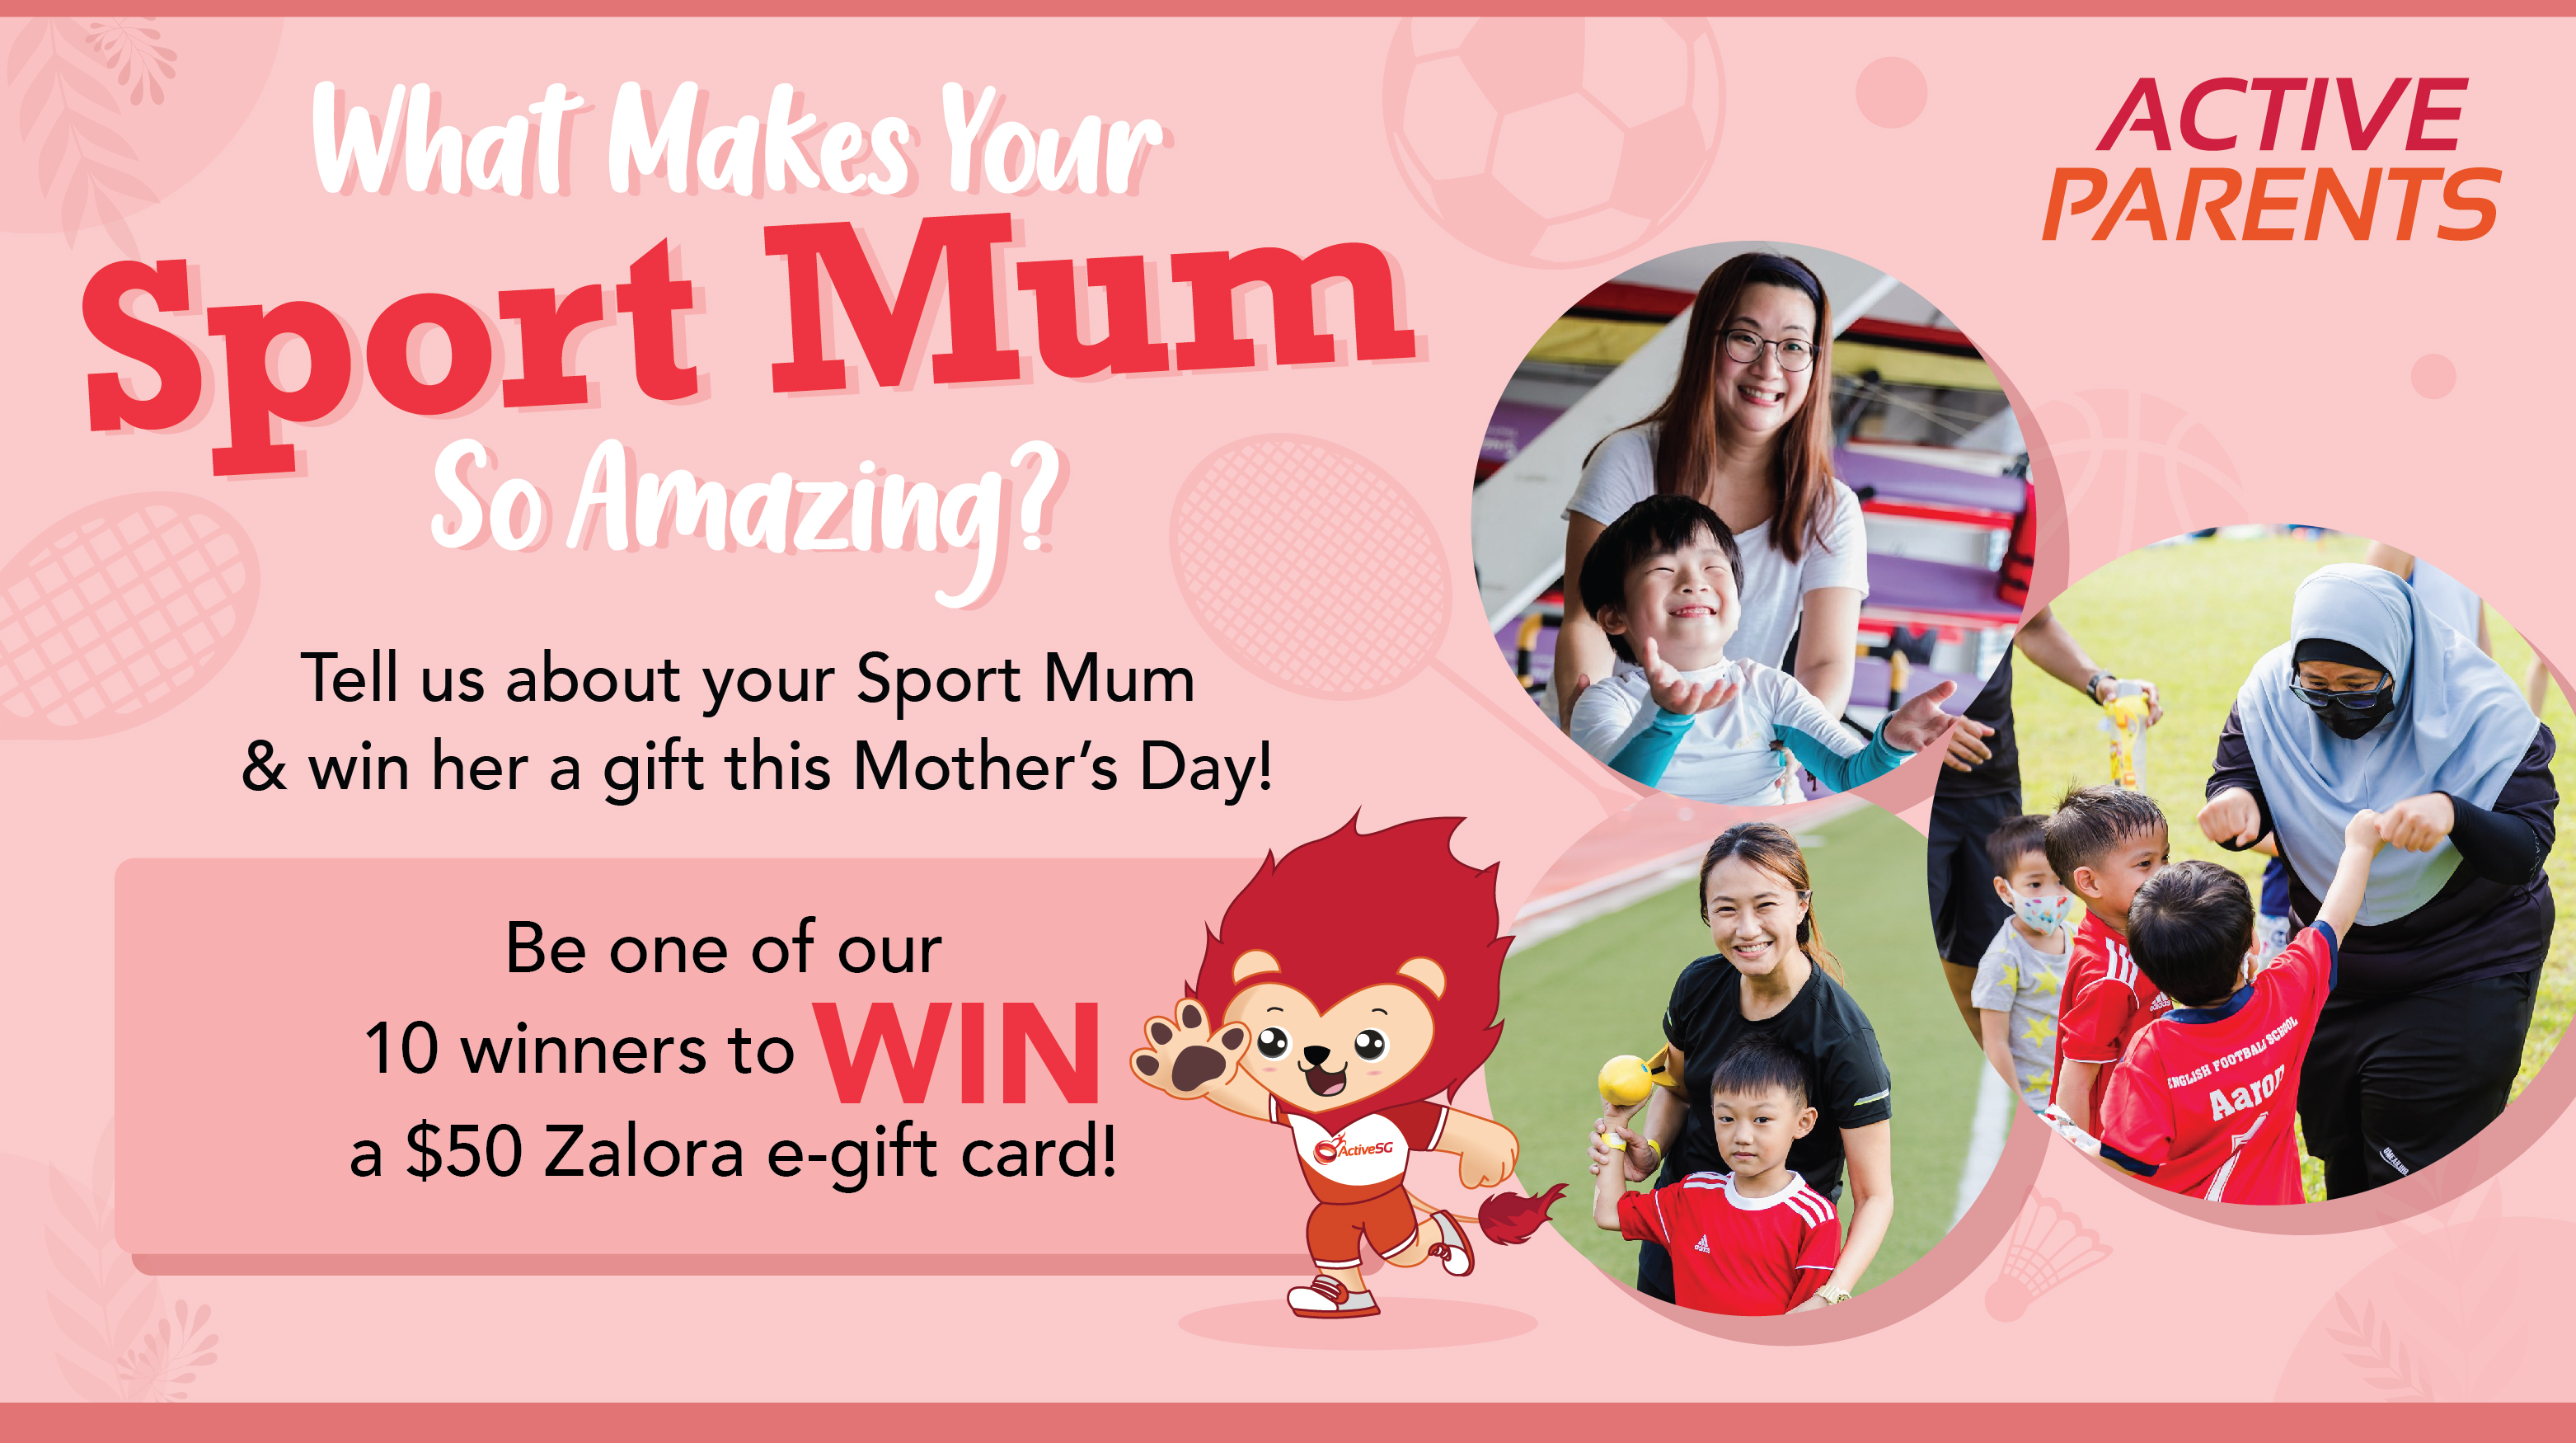 Active Parents Mums Day Campaign - Banner 1500x840px d1 130421-150ppi (003)